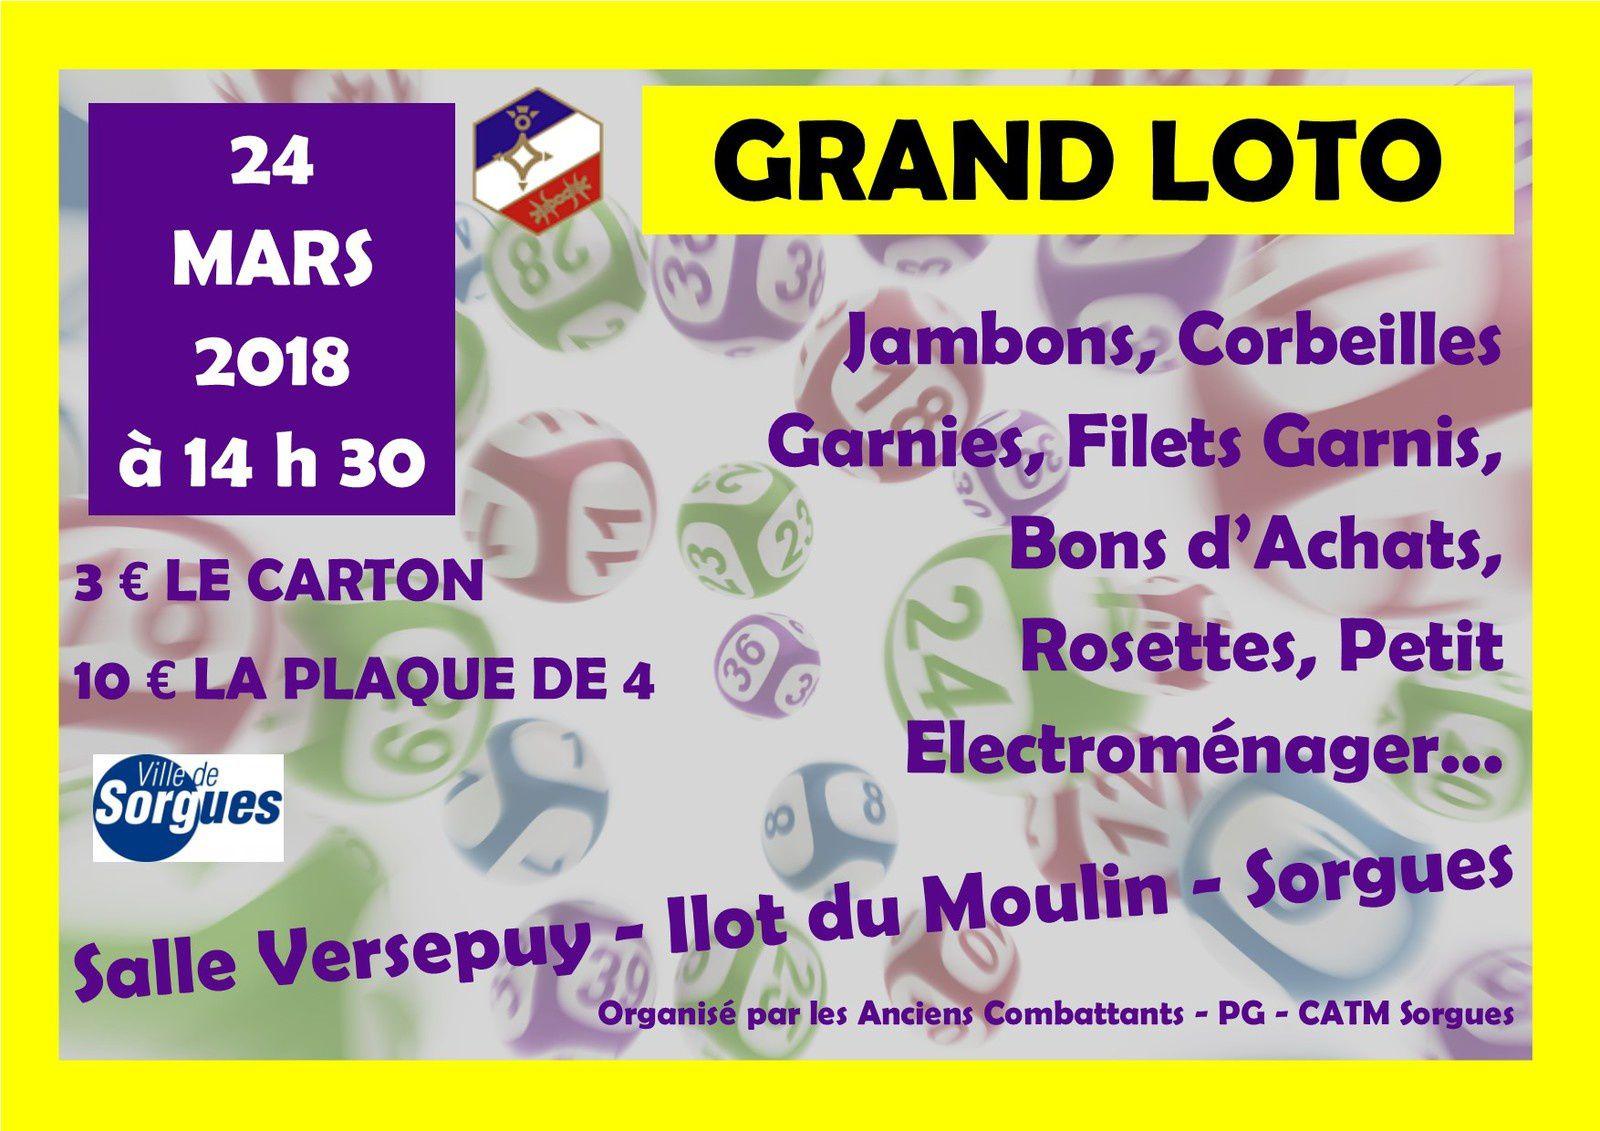 Loto de notre section du 24 mars 2018 à 14 h 30 - Salle Versepuy